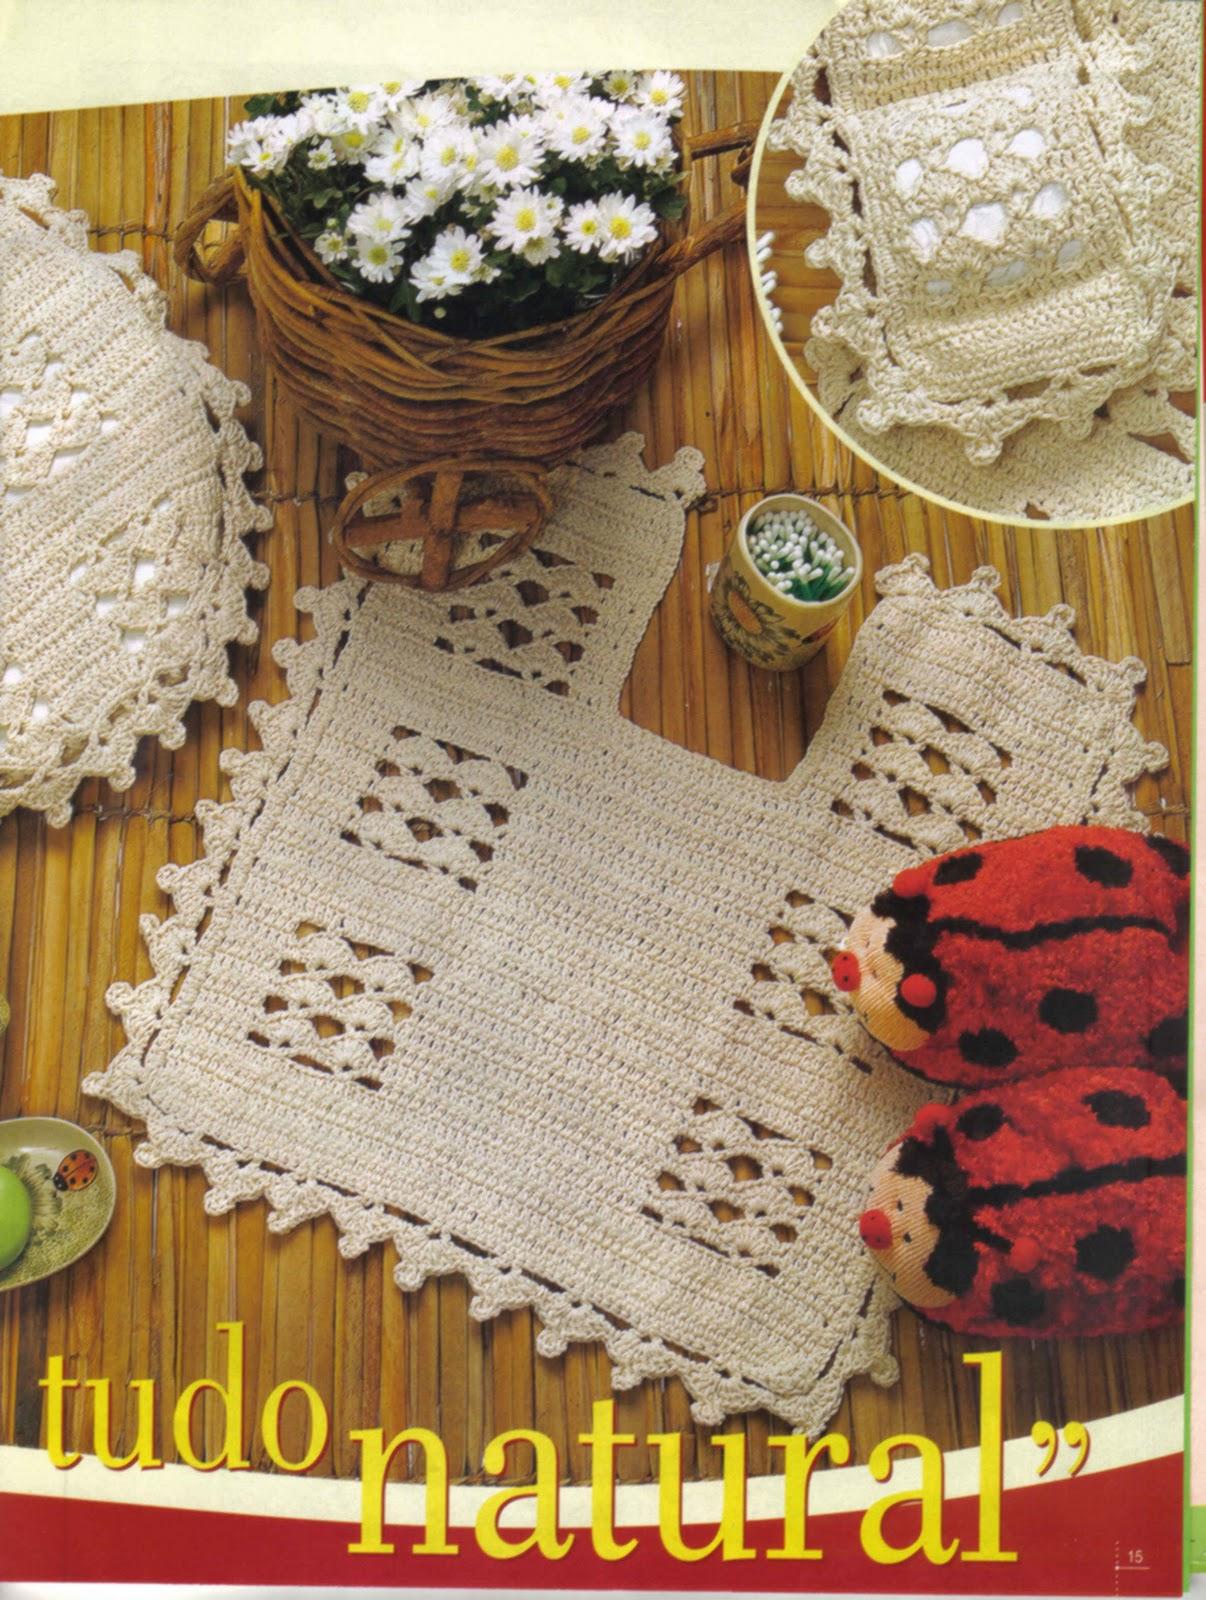 : Conjunto Banheiro em Crochê Modelo Simples e Bonito Gráficos #B5A916 1206x1600 Banheiro Bonito Simples